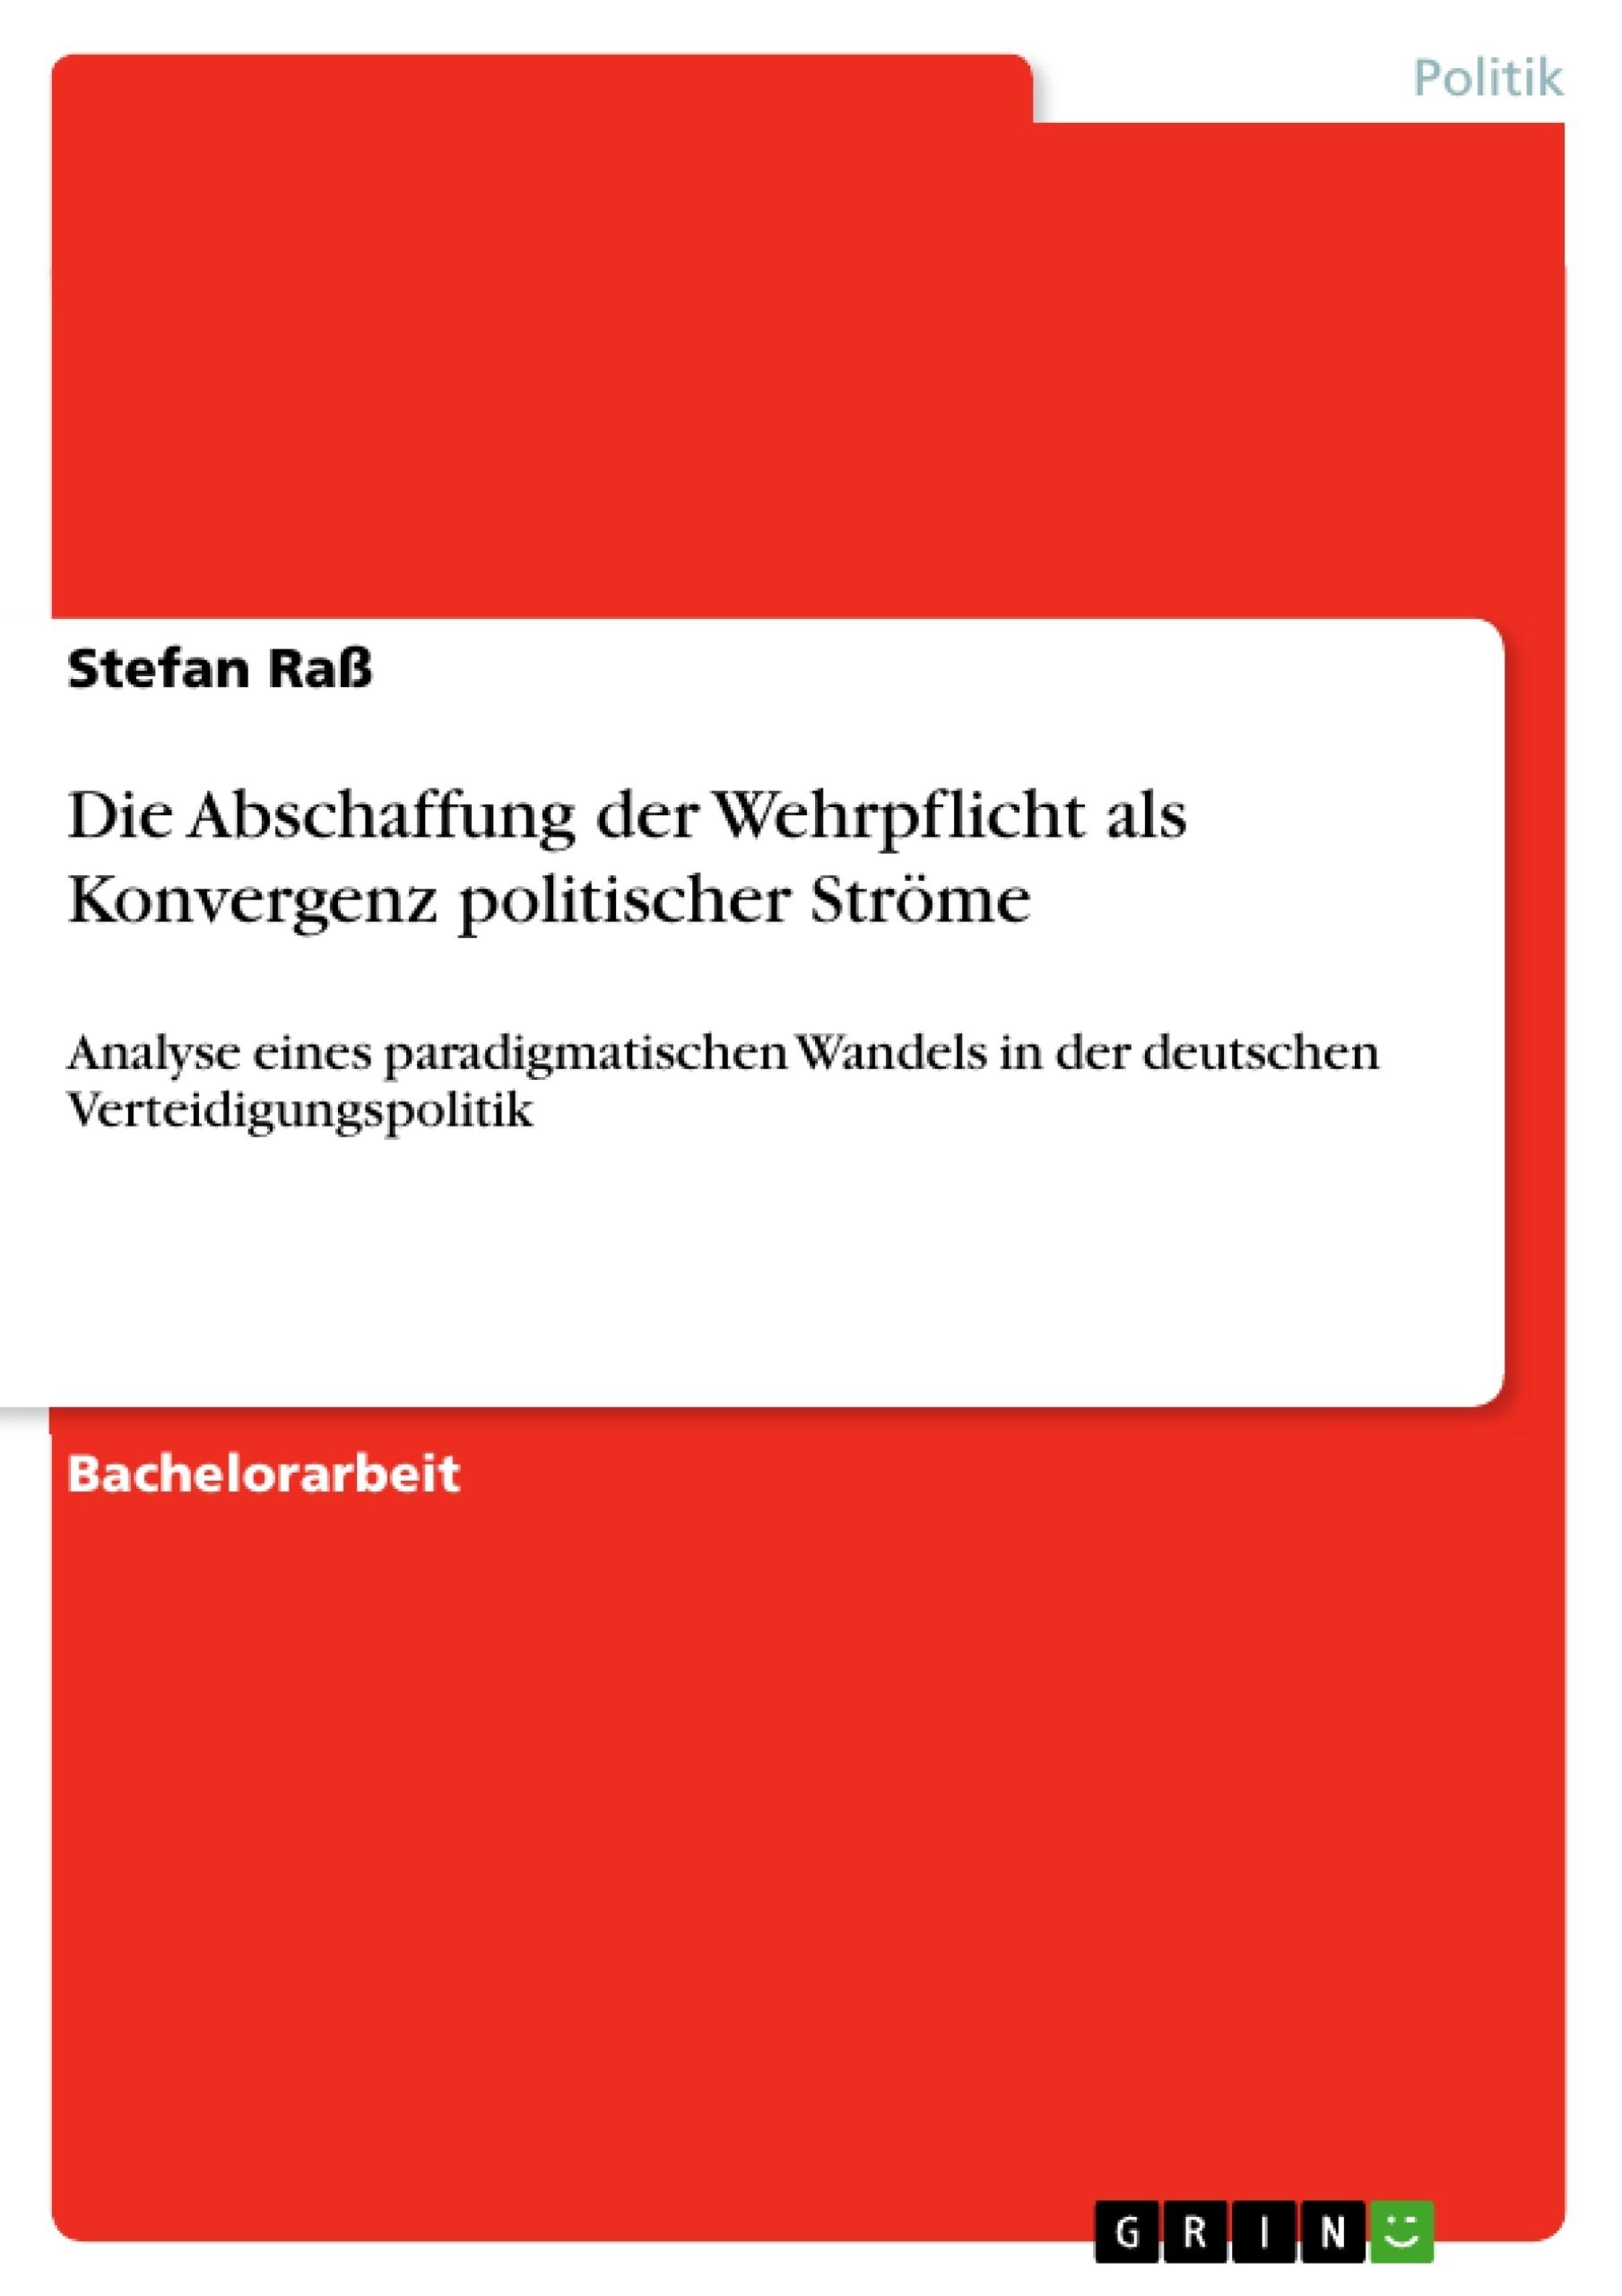 Titel: Die Abschaffung der Wehrpflicht als Konvergenz politischer Ströme